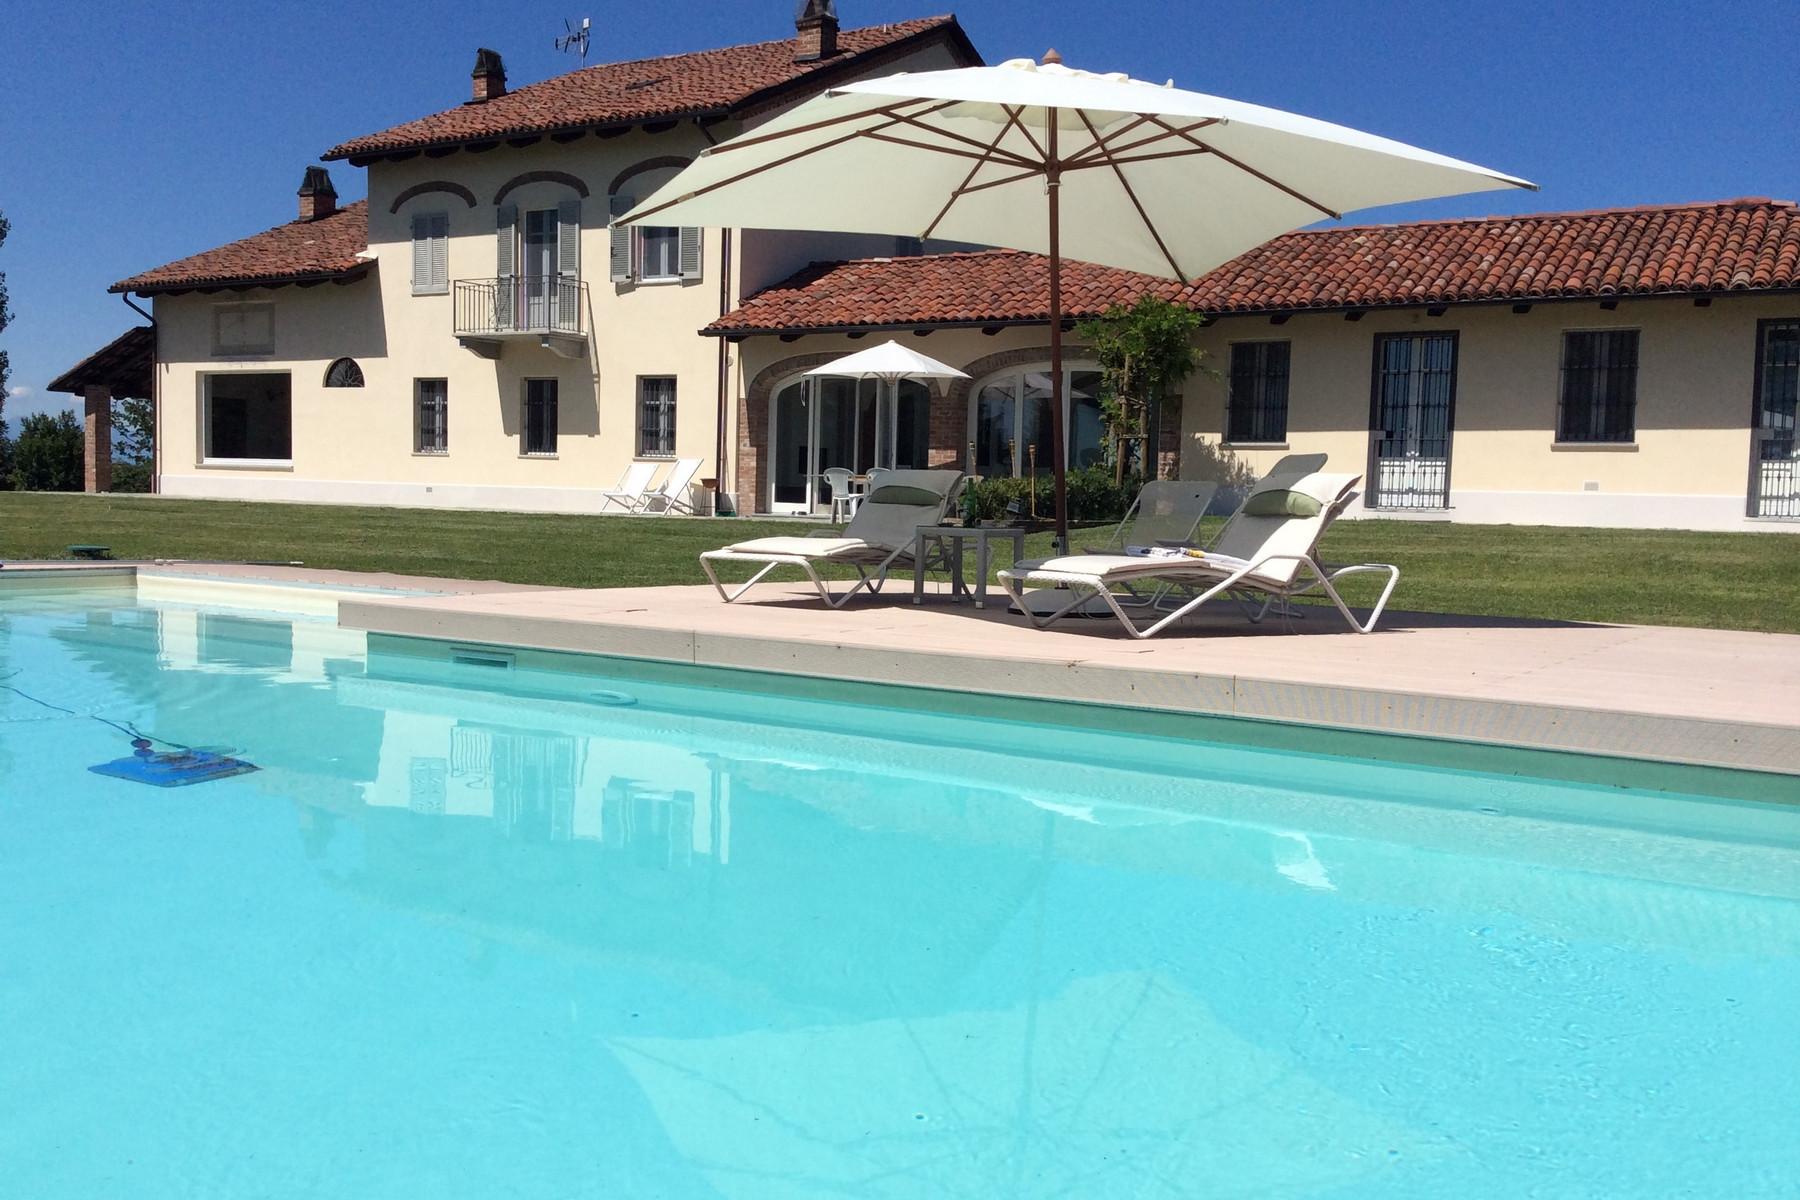 Villa in Vendita a Villafranca D'Asti: 5 locali, 500 mq - Foto 2